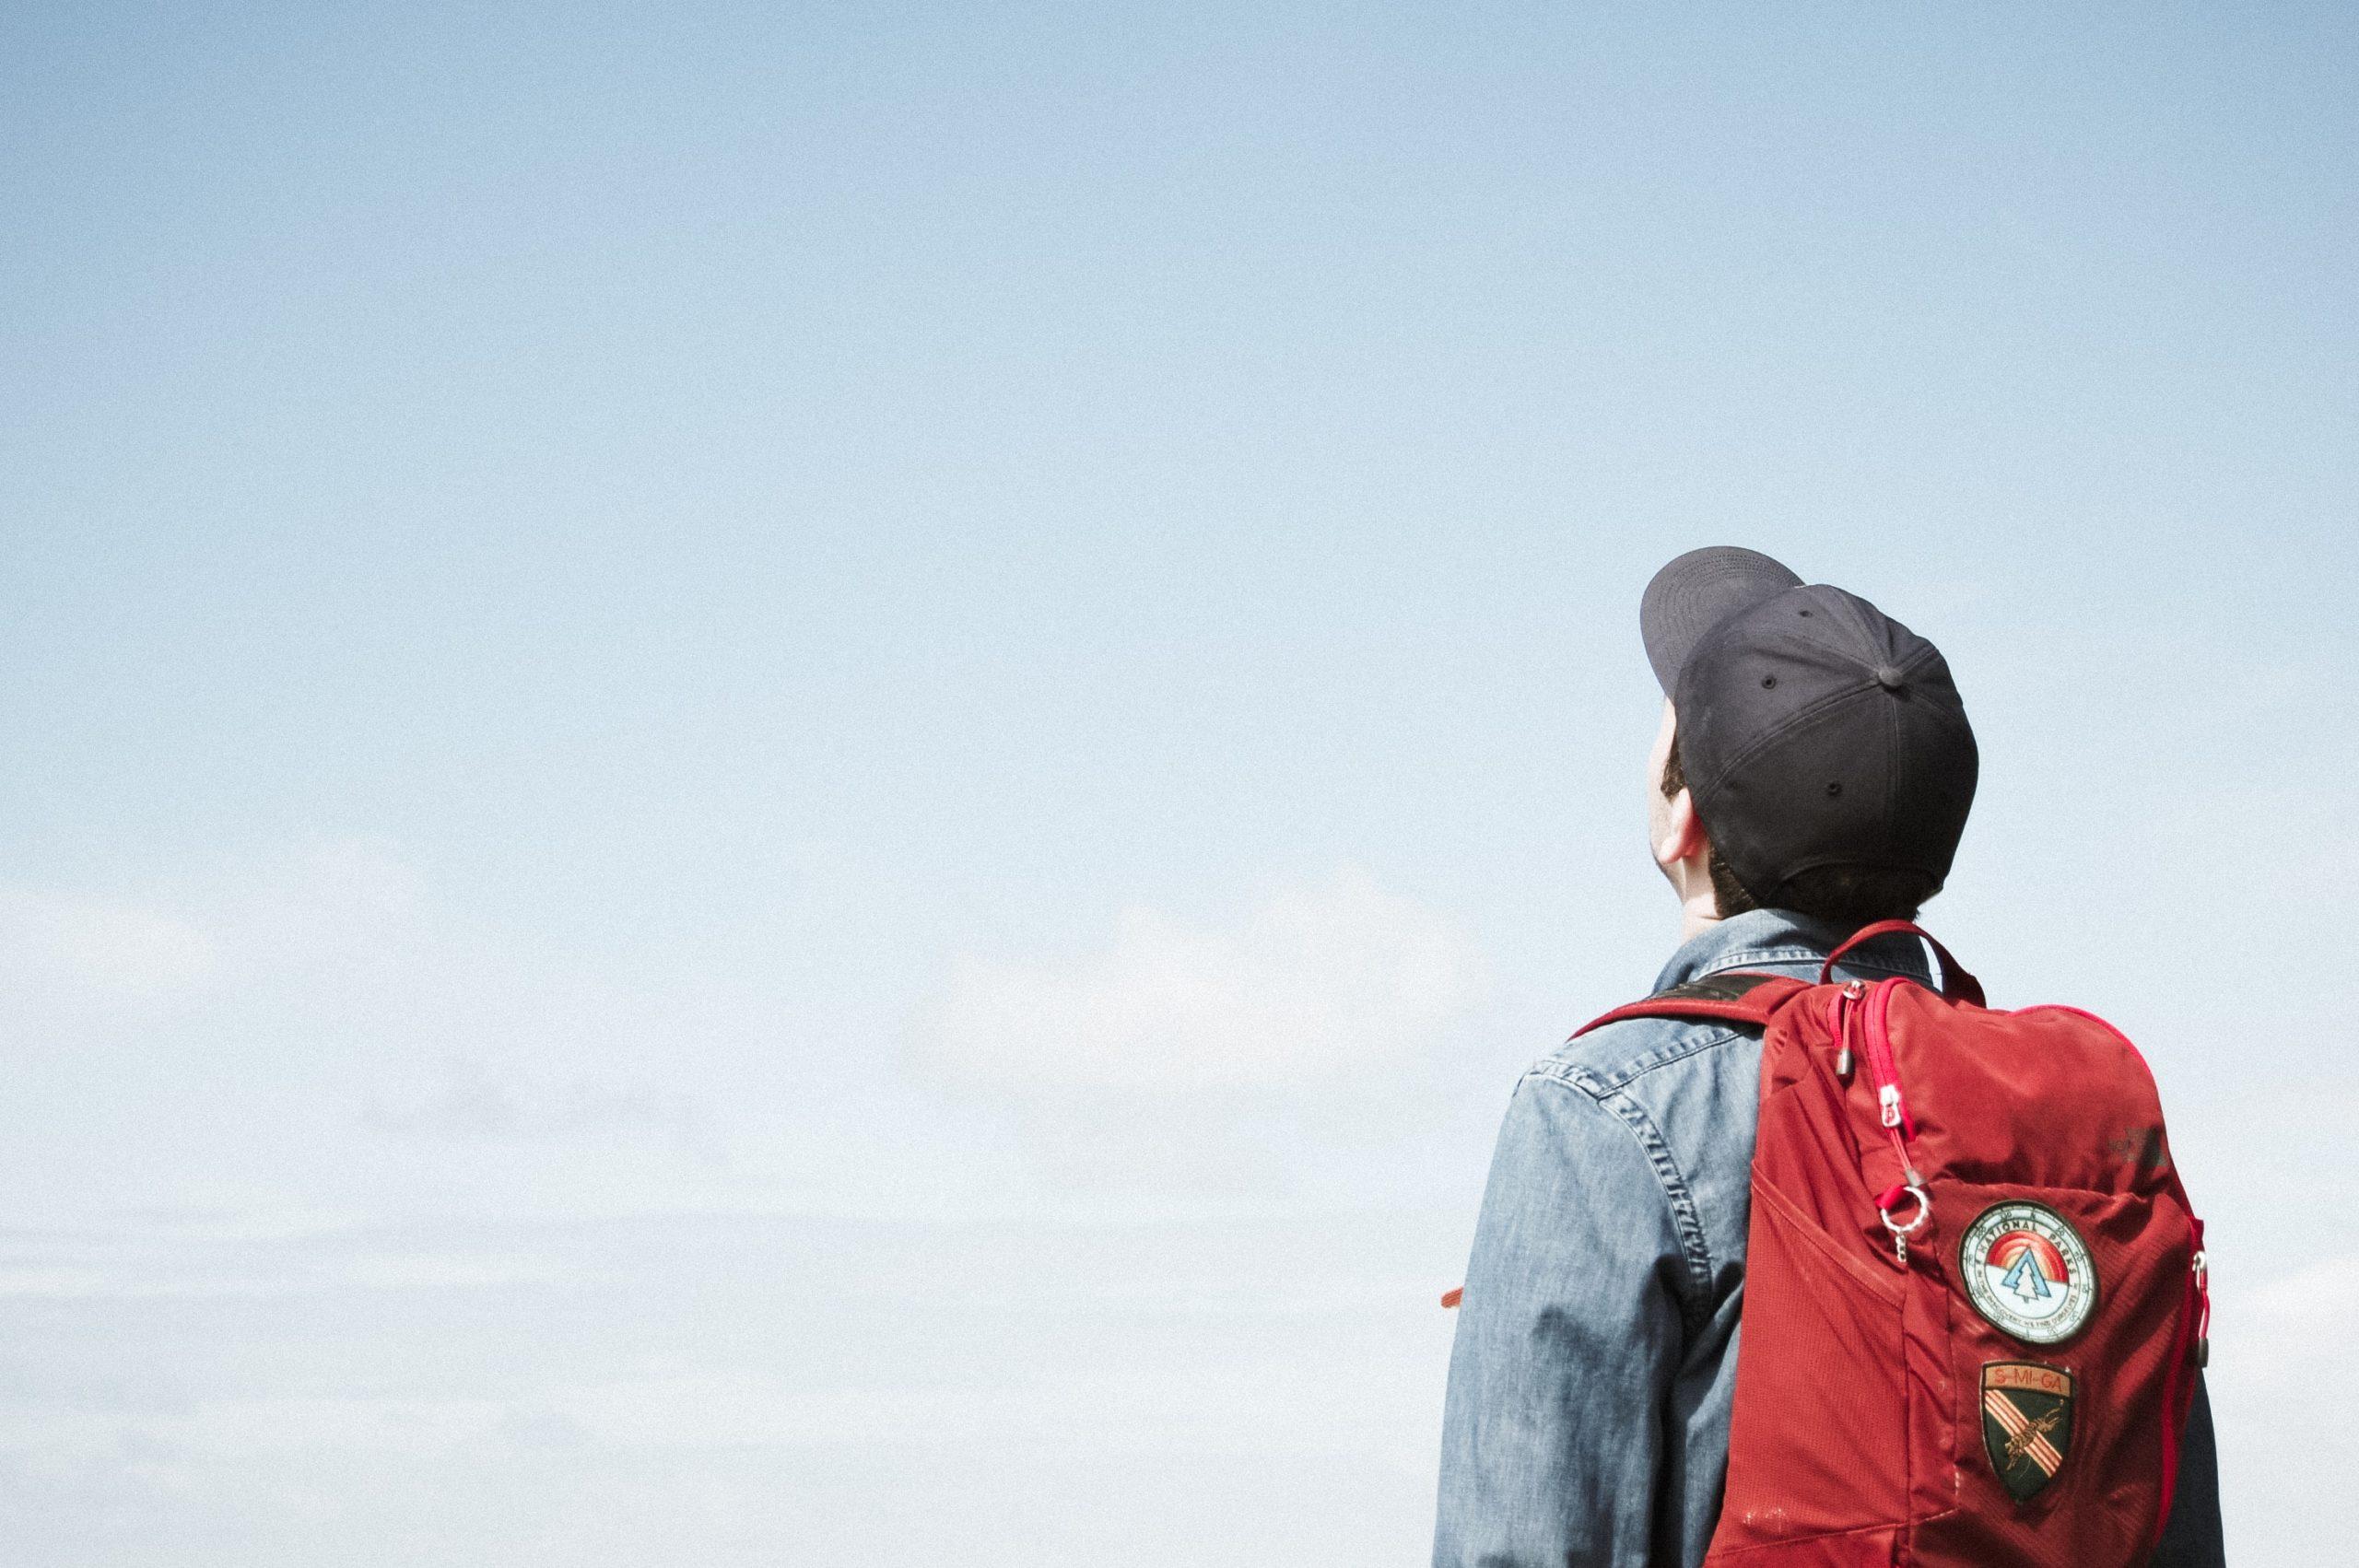 NUOTTI-valmennus tuo apua nuoren tulevaisuuteen